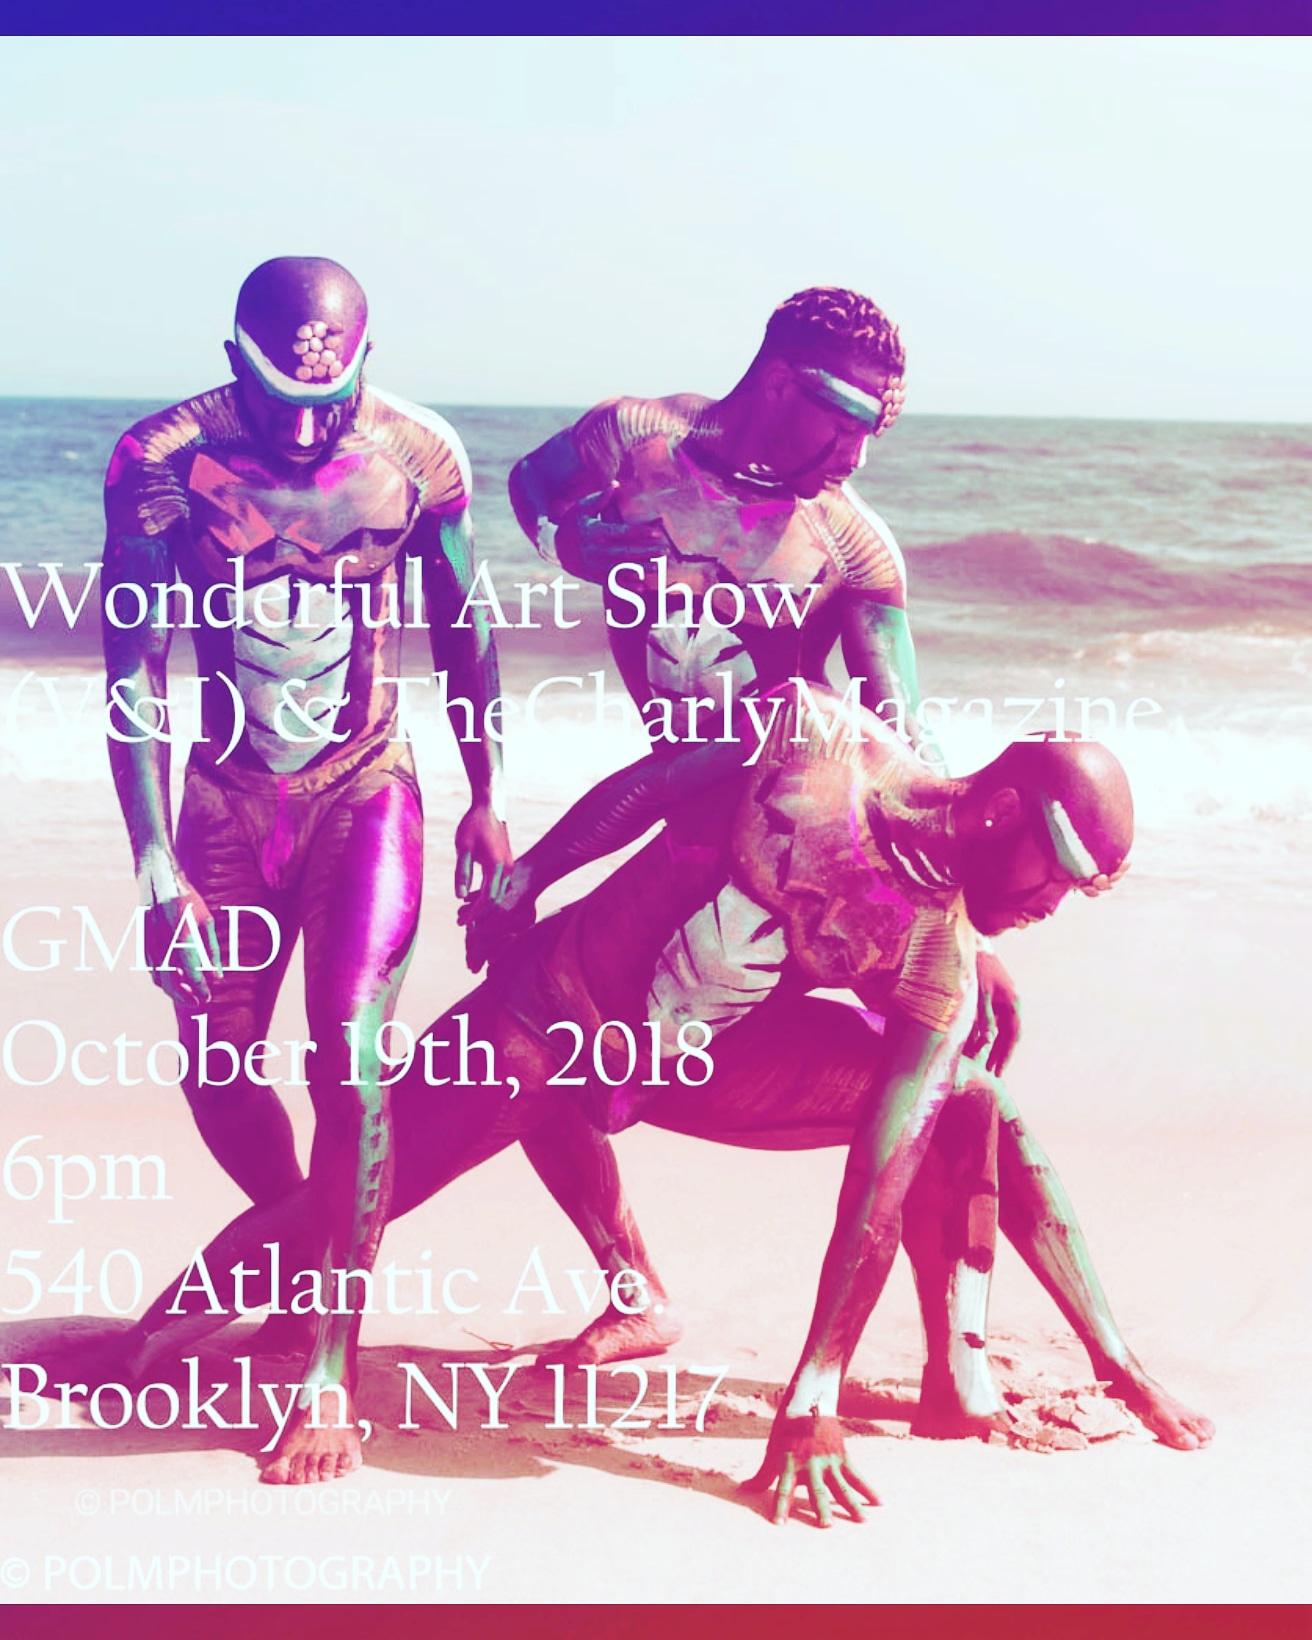 Get your tickets here  https://wonderfulartshow.eventbrite.com